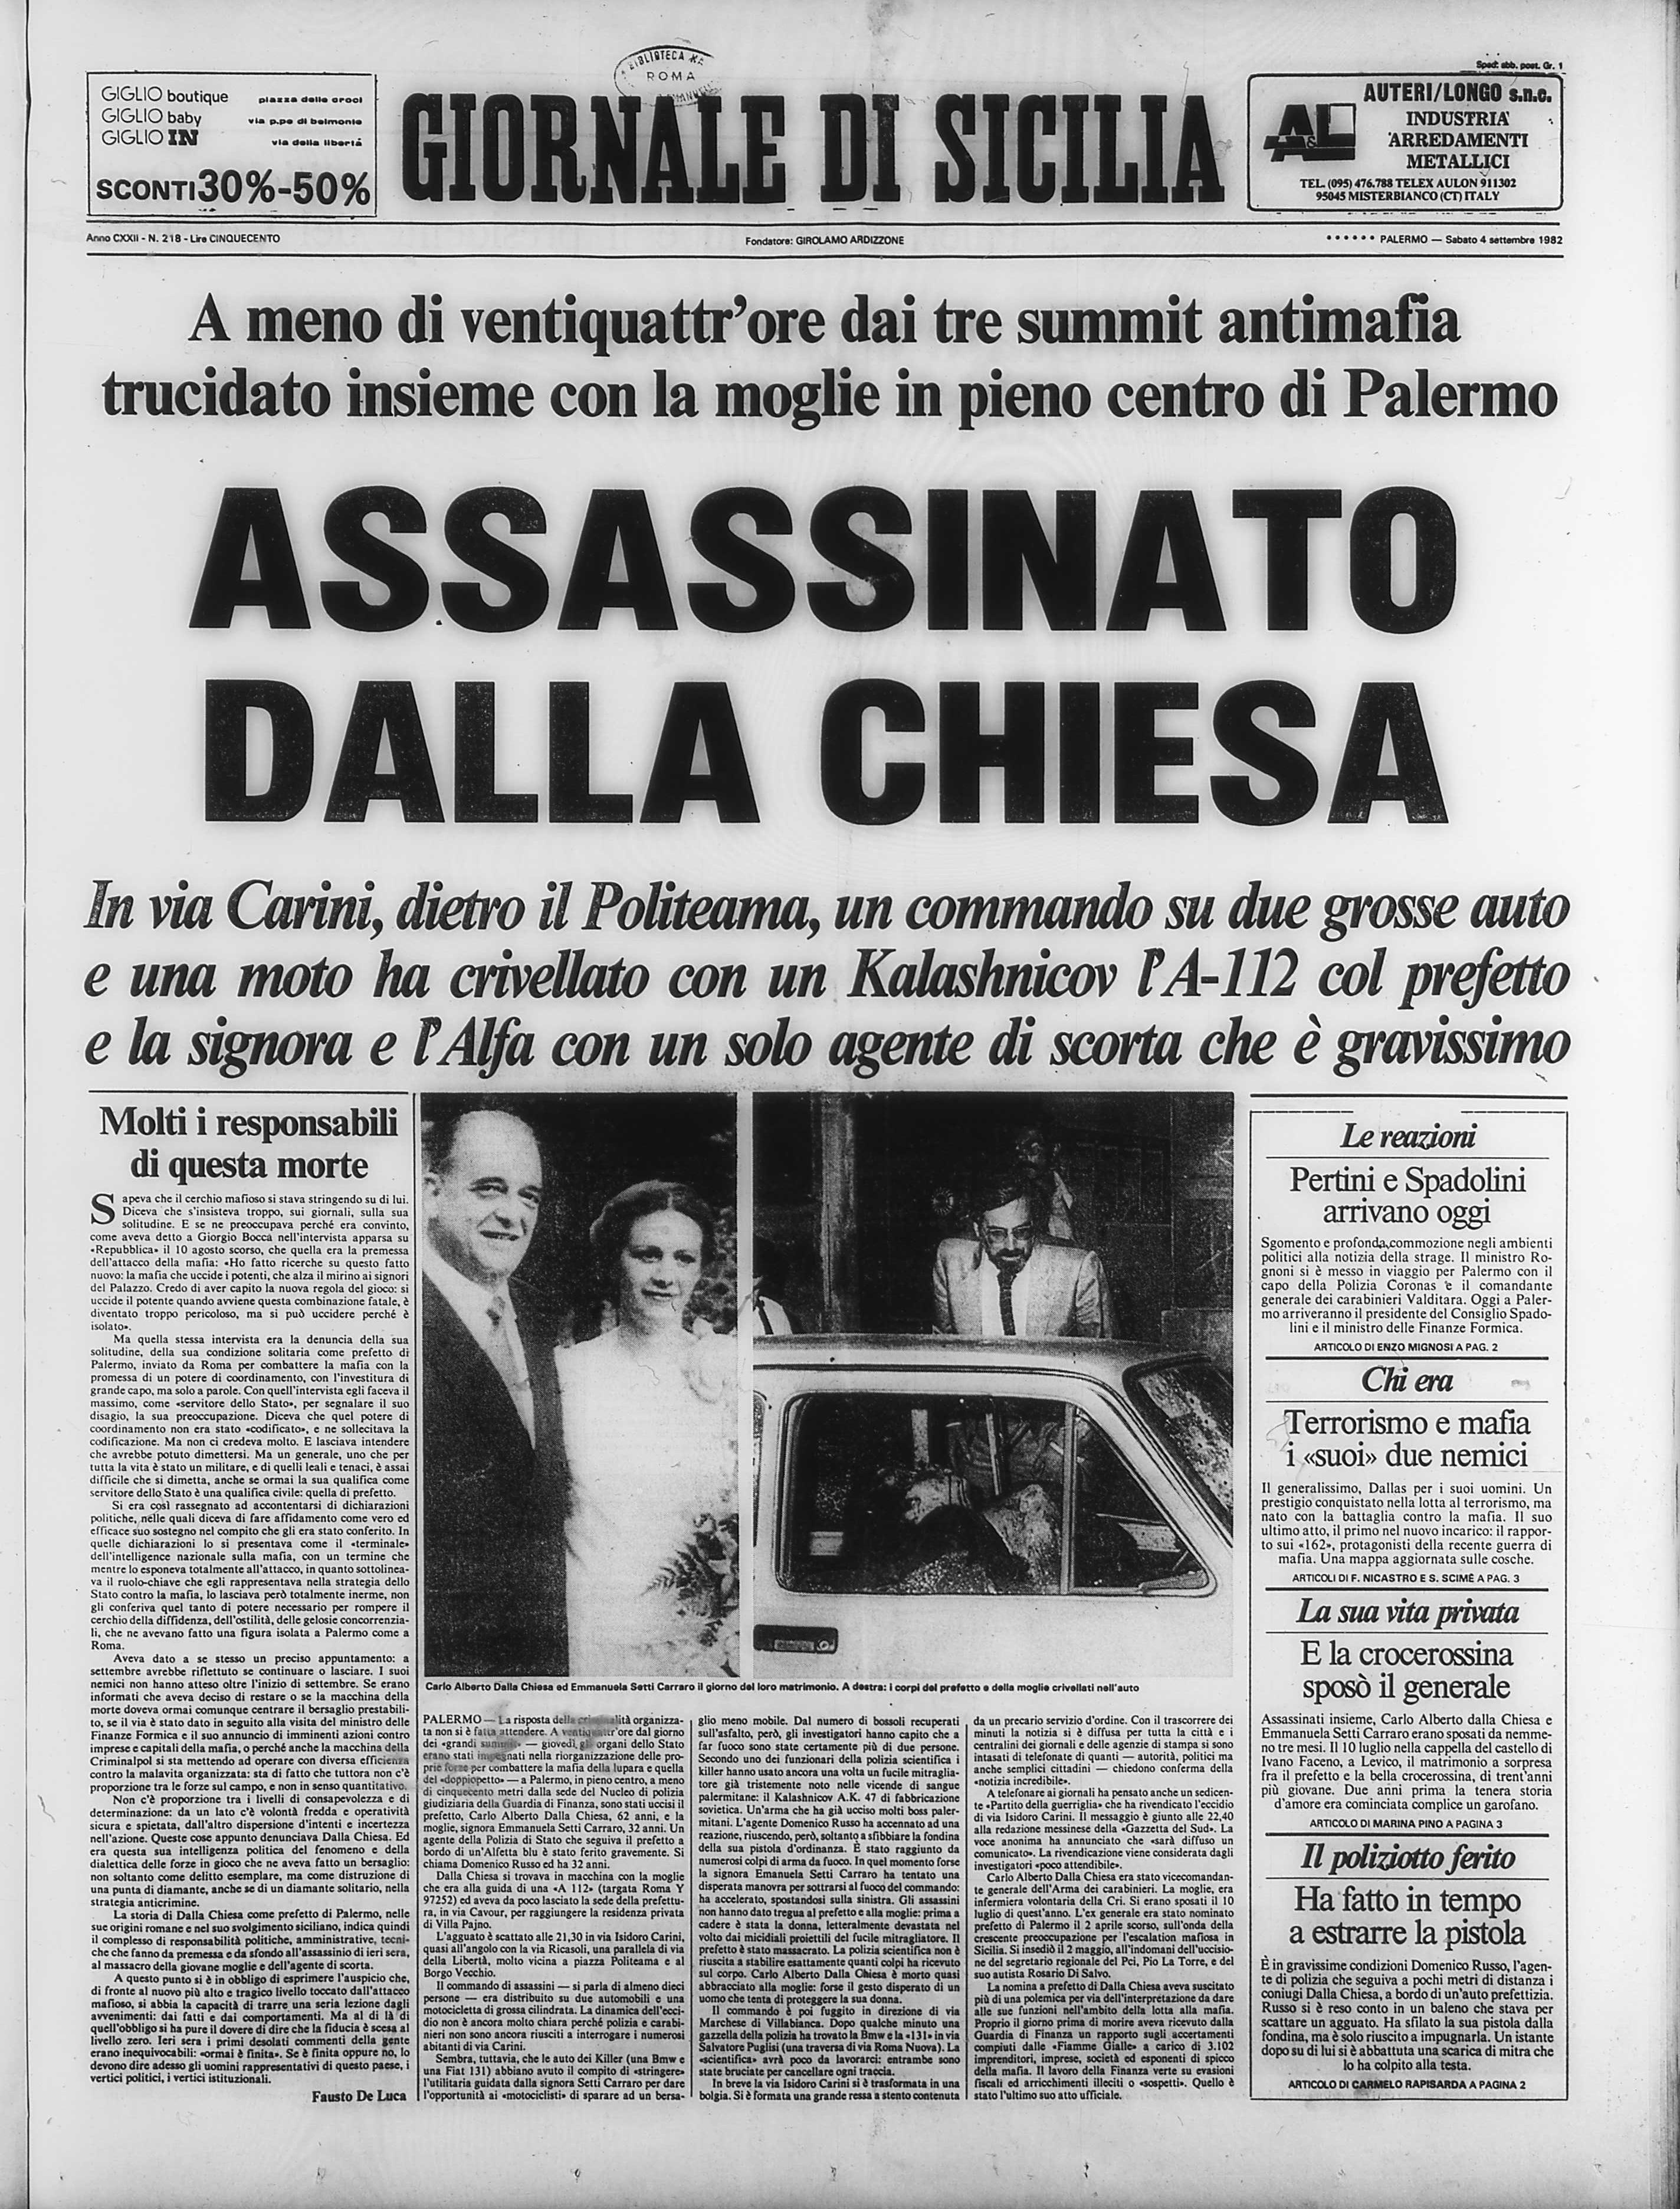 Fig4 Giornale di Sicilia 04:09:1982 p.1.jpg